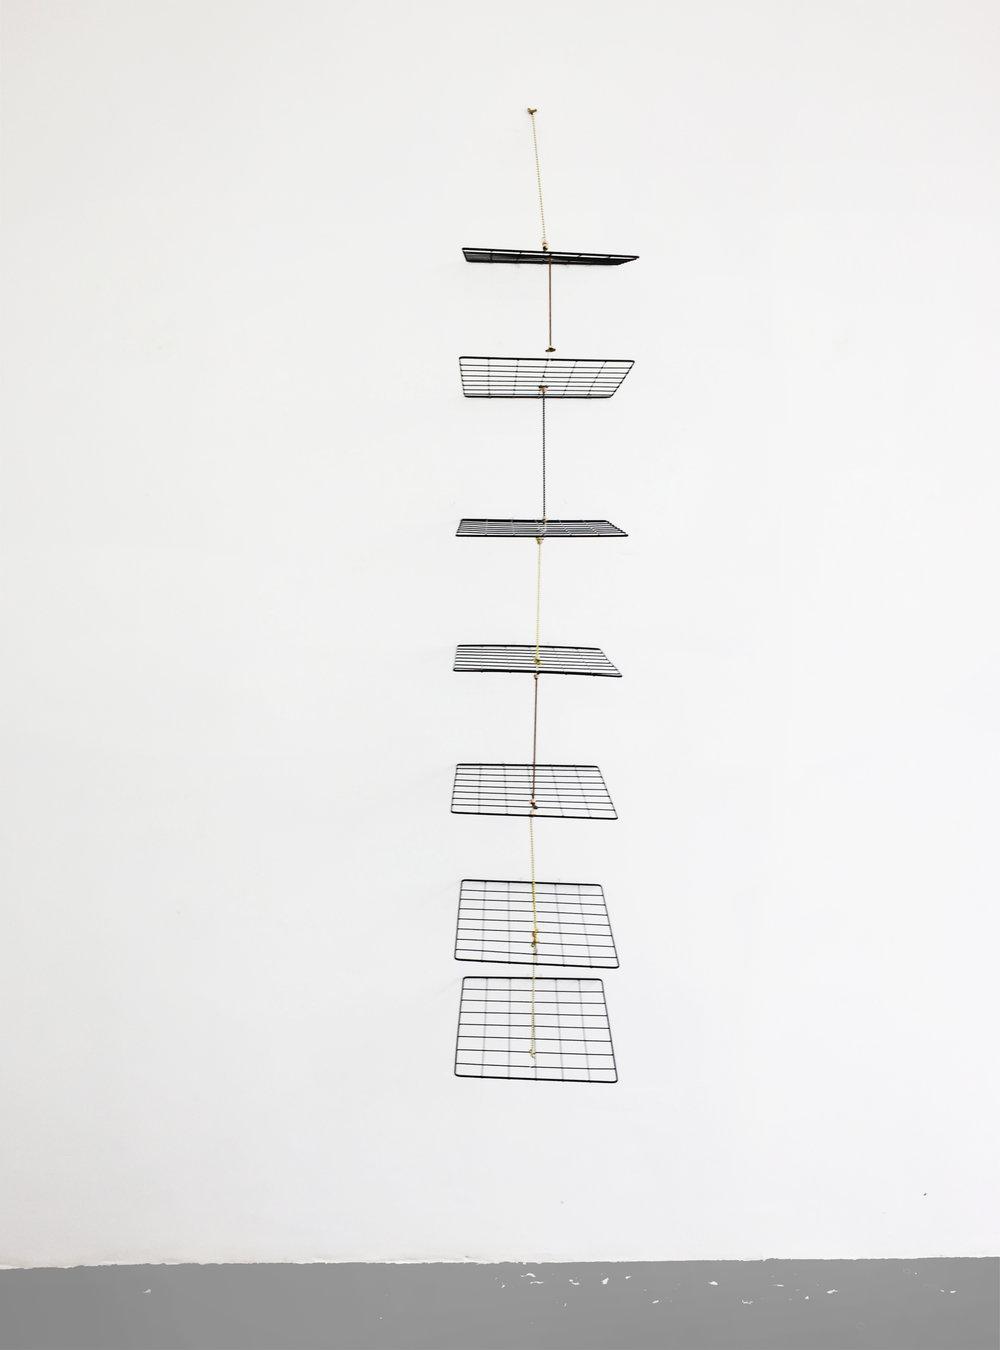 Mano Penalva, sem título, Série: Em Pauta, Expositores aramados,200 x 30 x 40 cm